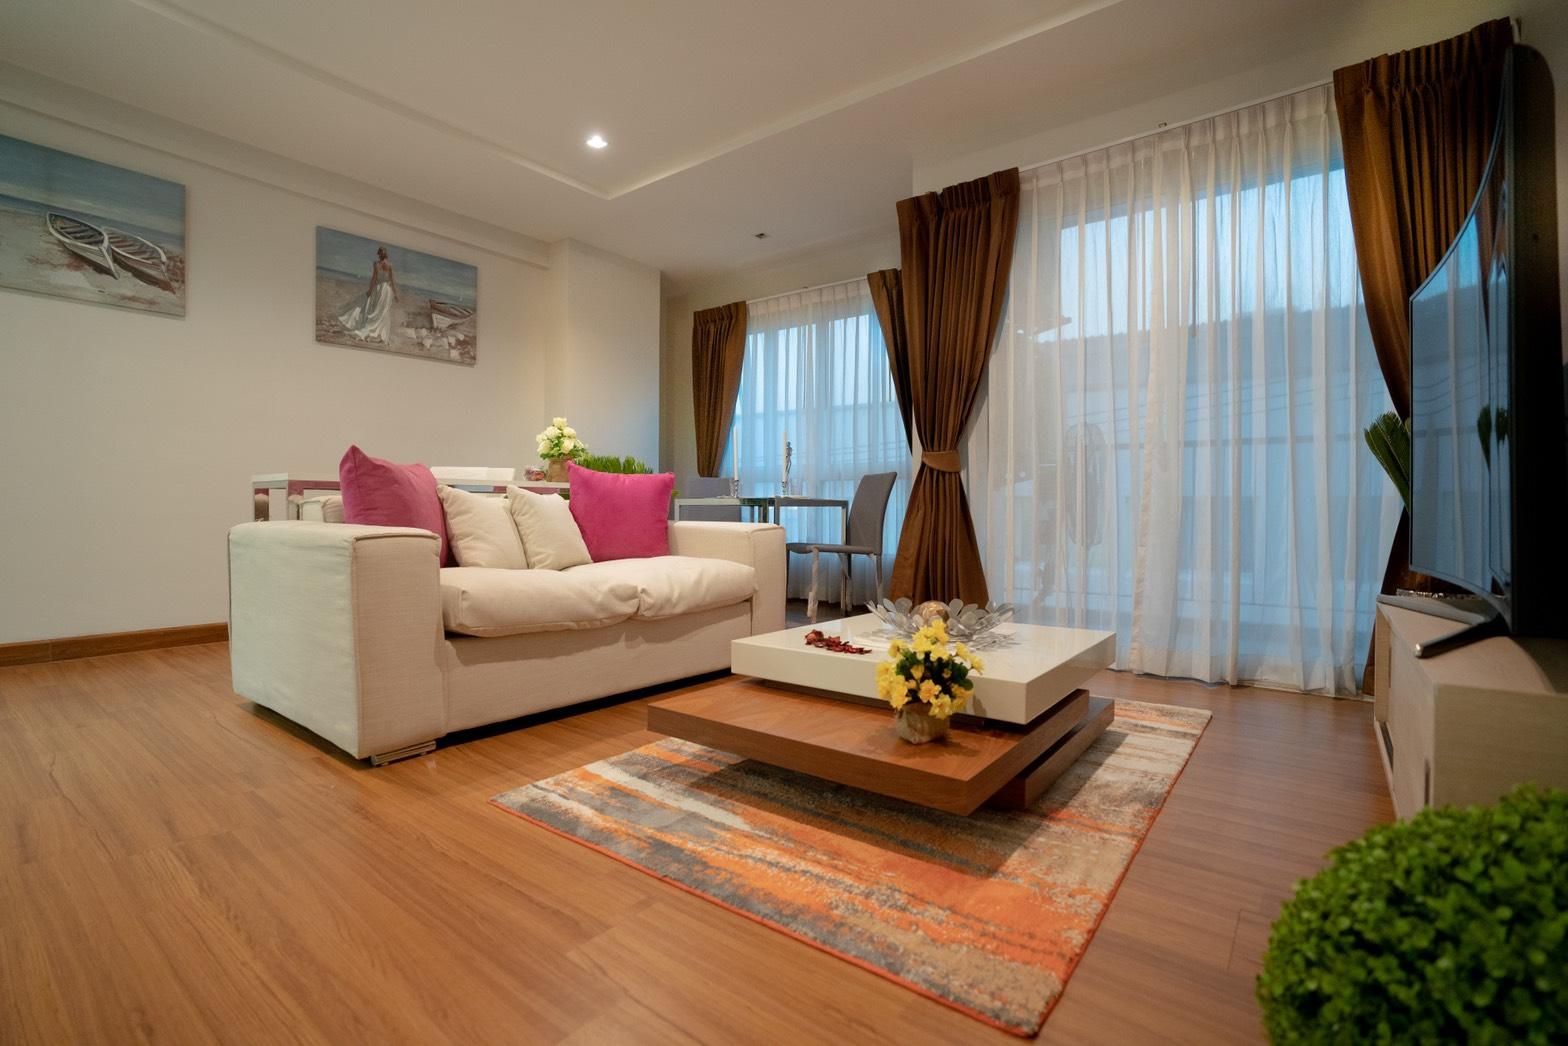 PTK2282- Big 1 bedroom in The winner condo